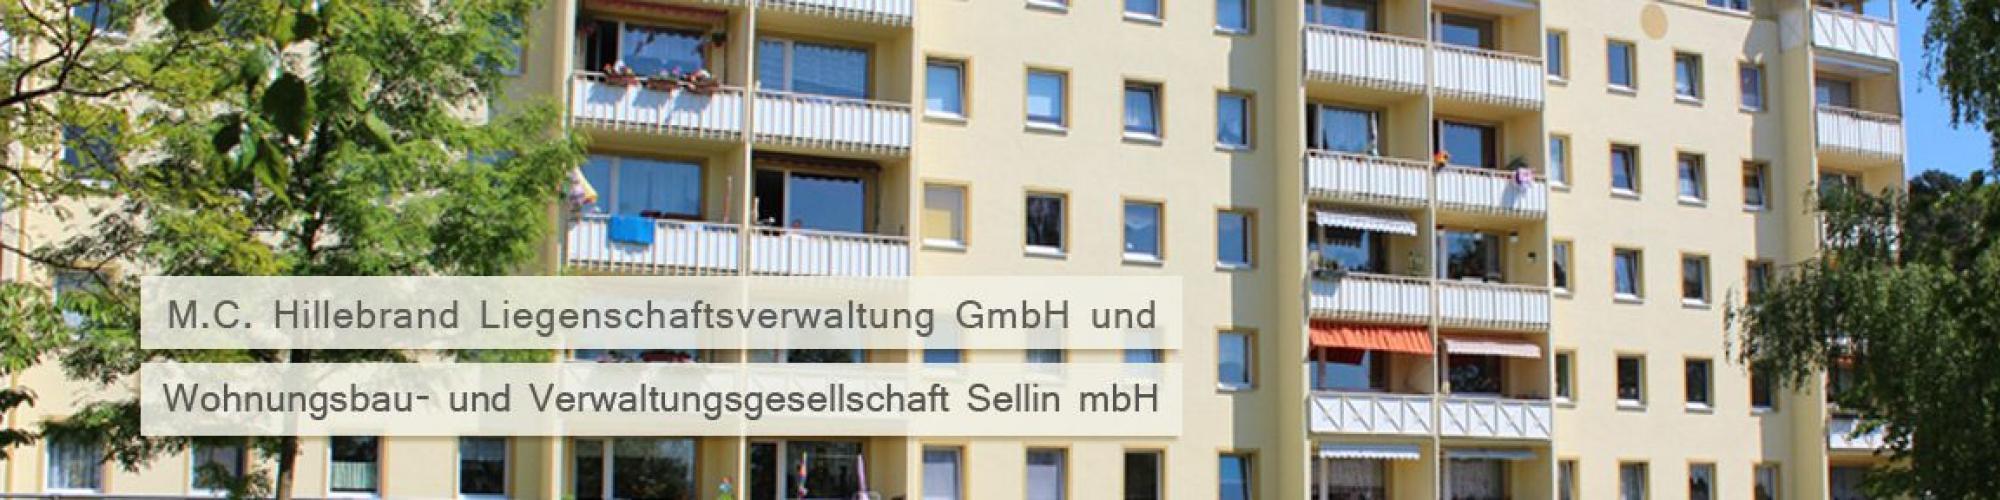 M.C. Hillebrand Liegenschaftsverwaltung GmbH